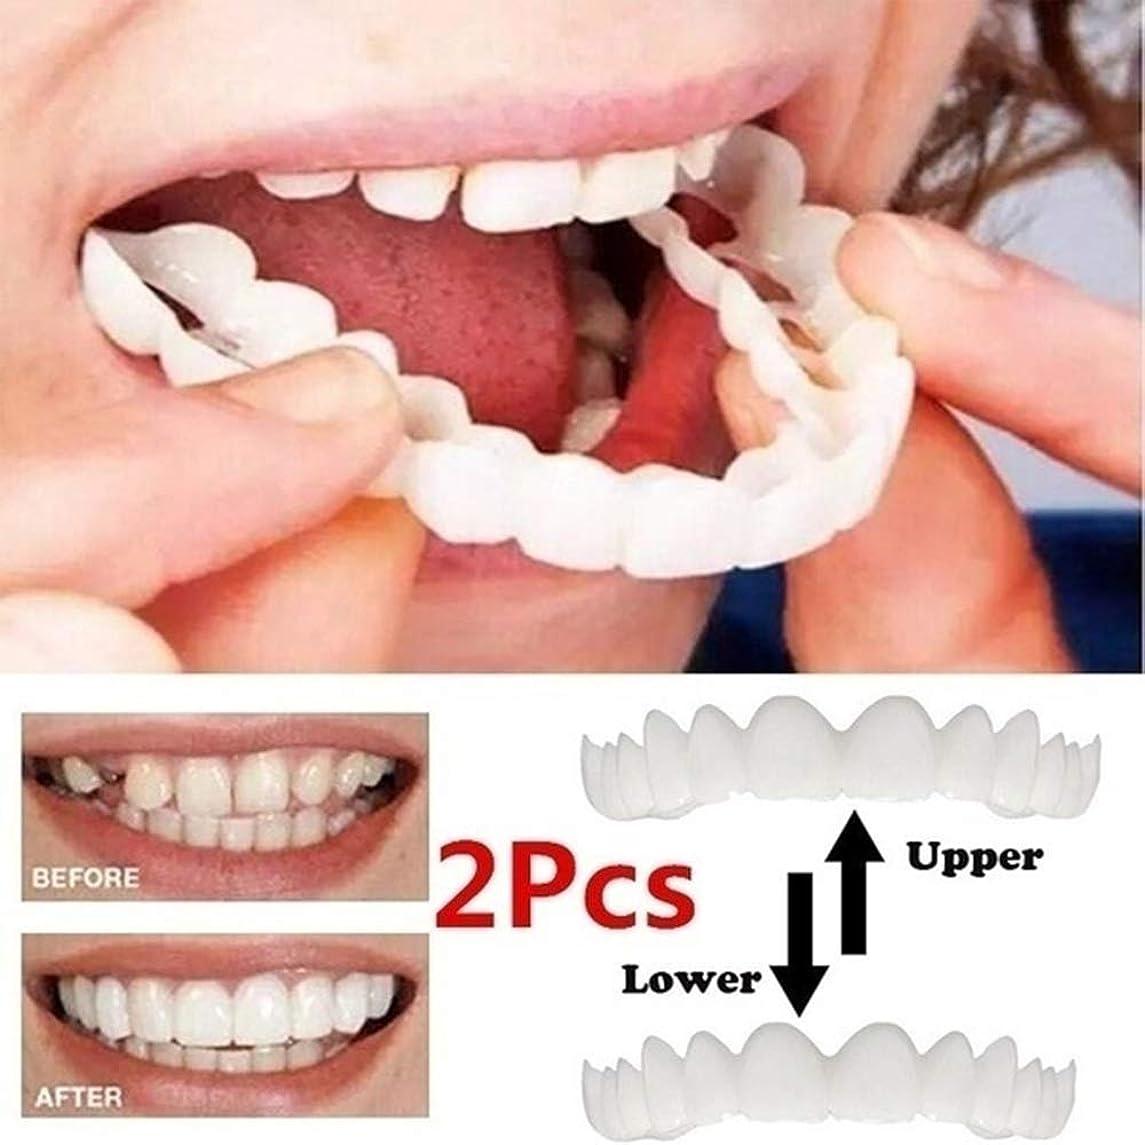 に渡って非常に怒っていますキャンドル2ピース上下義歯インスタントスマイルコンフォートフレックス化粧品歯義歯1つのサイズにフィット最も快適な義歯ケア